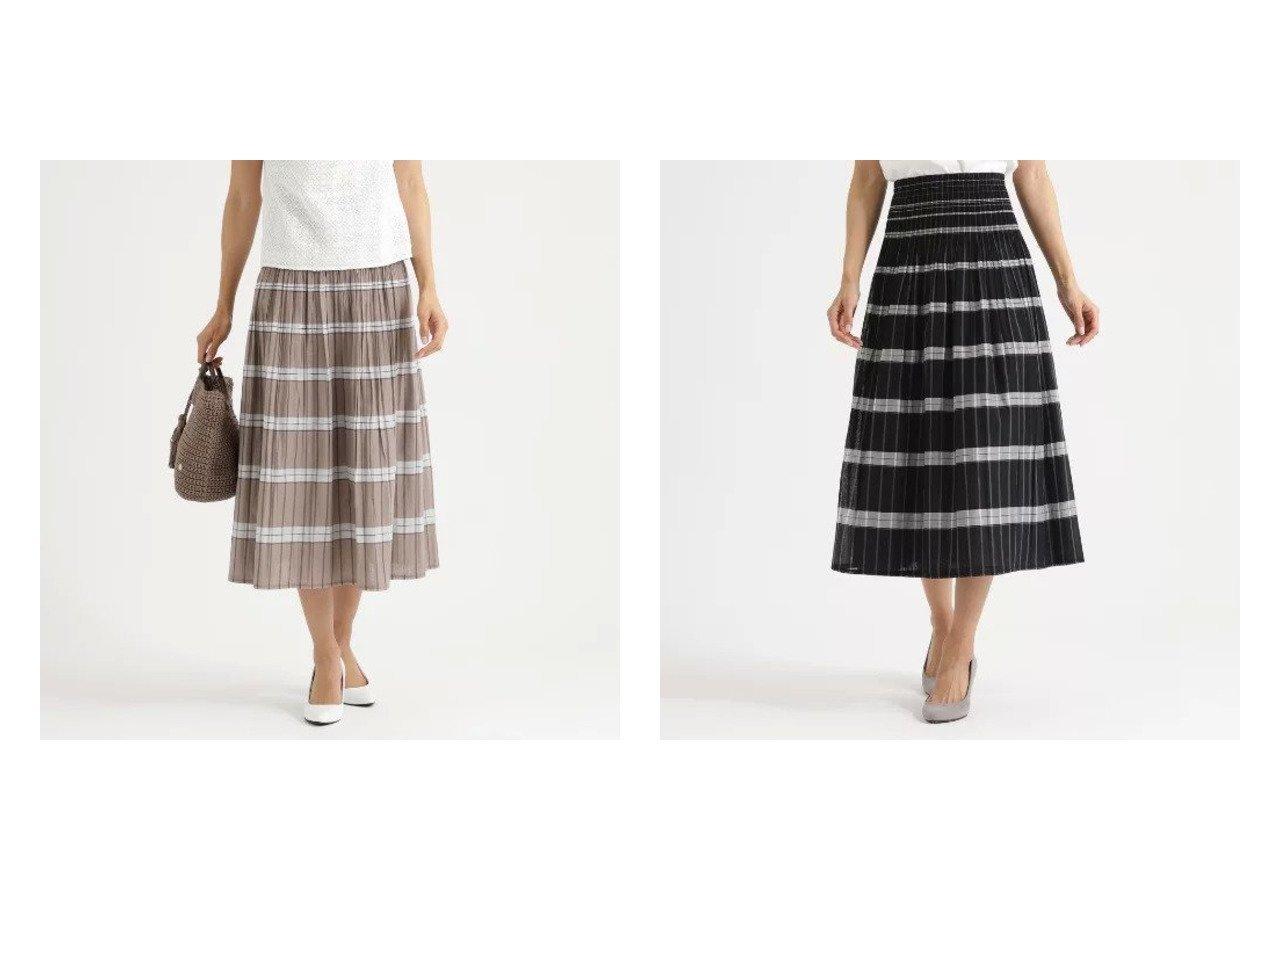 【TRANS WORK/トランスワーク】の【リバーシブル】【ウォッシャブル】リバーシブルスカート 【スカート】おすすめ!人気、トレンド・レディースファッションの通販 おすすめで人気の流行・トレンド、ファッションの通販商品 インテリア・家具・メンズファッション・キッズファッション・レディースファッション・服の通販 founy(ファニー) https://founy.com/ ファッション Fashion レディースファッション WOMEN スカート Skirt おすすめ Recommend ウォッシャブル ジャカード ストライプ チェック マキシ リバーシブル ロング 春 Spring 秋 Autumn/Fall |ID:crp329100000047539